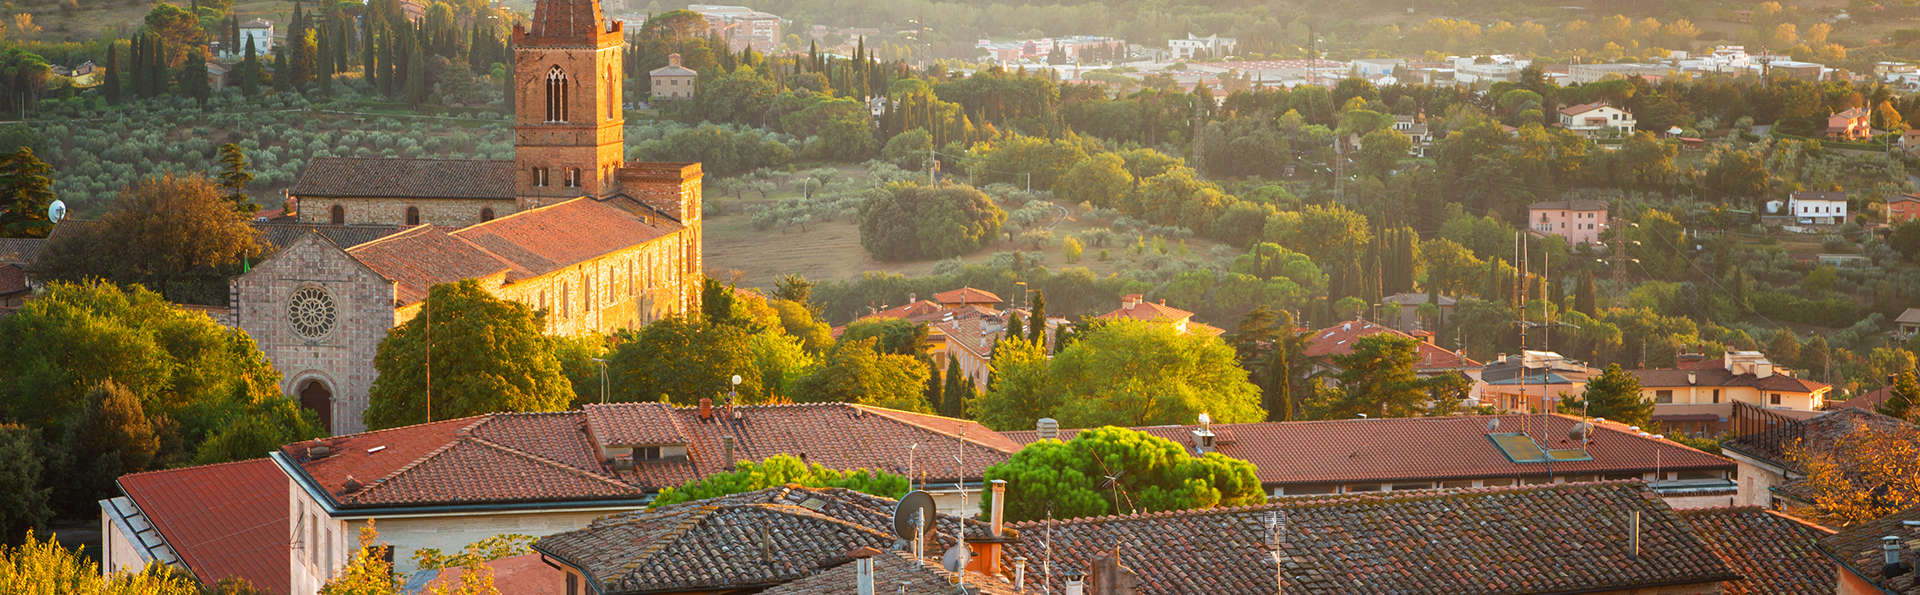 Castello di Giomici - Edit_Perugia2.jpg